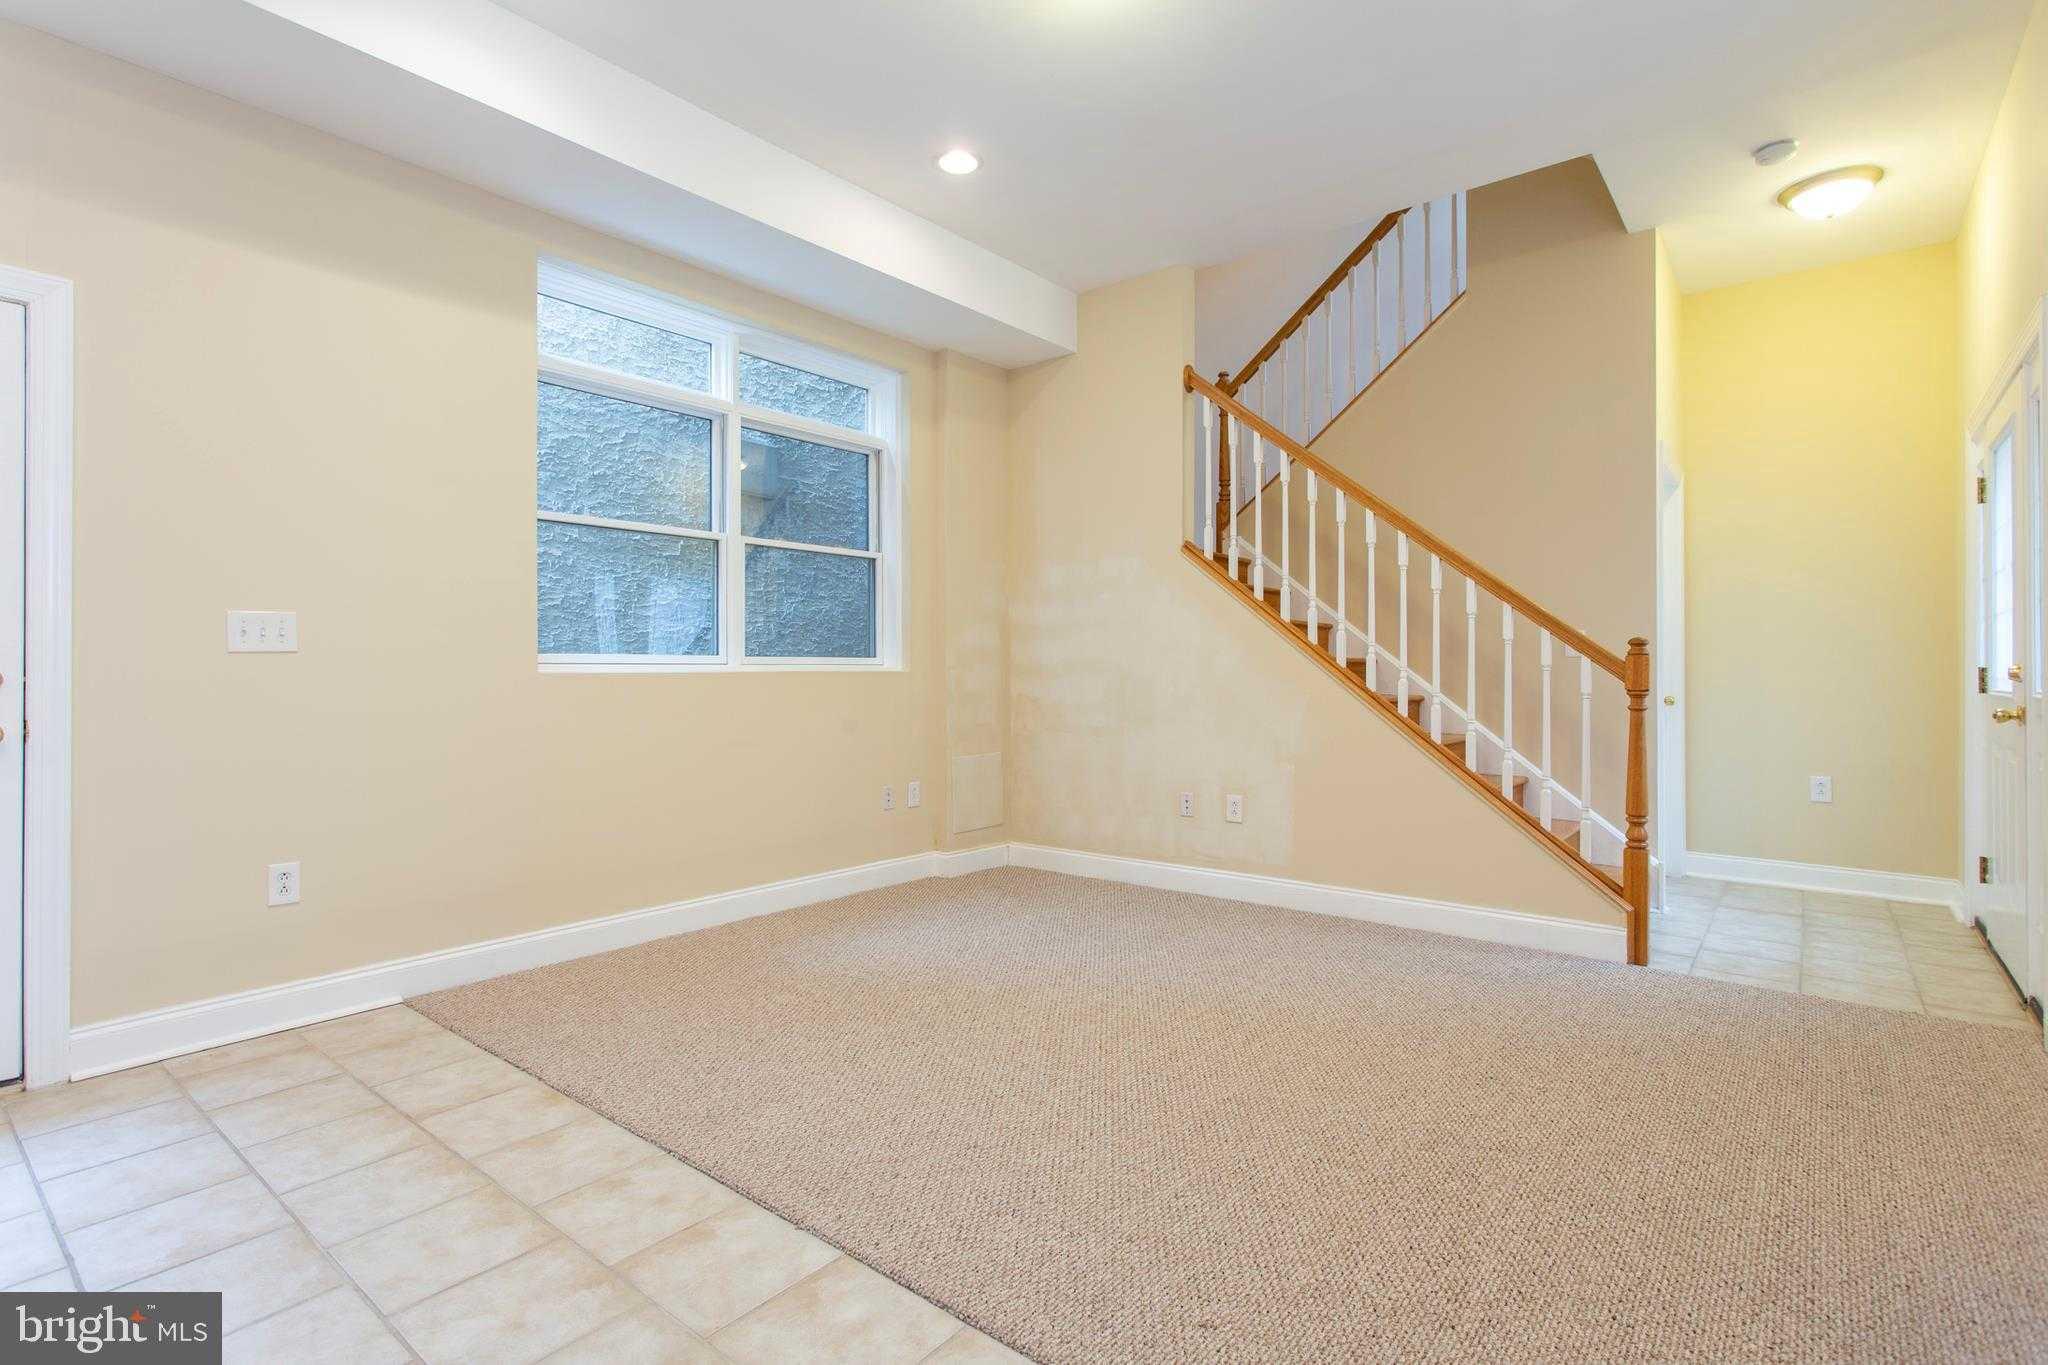 $455,000 - 2Br/2Ba -  for Sale in Bella Vista, Philadelphia